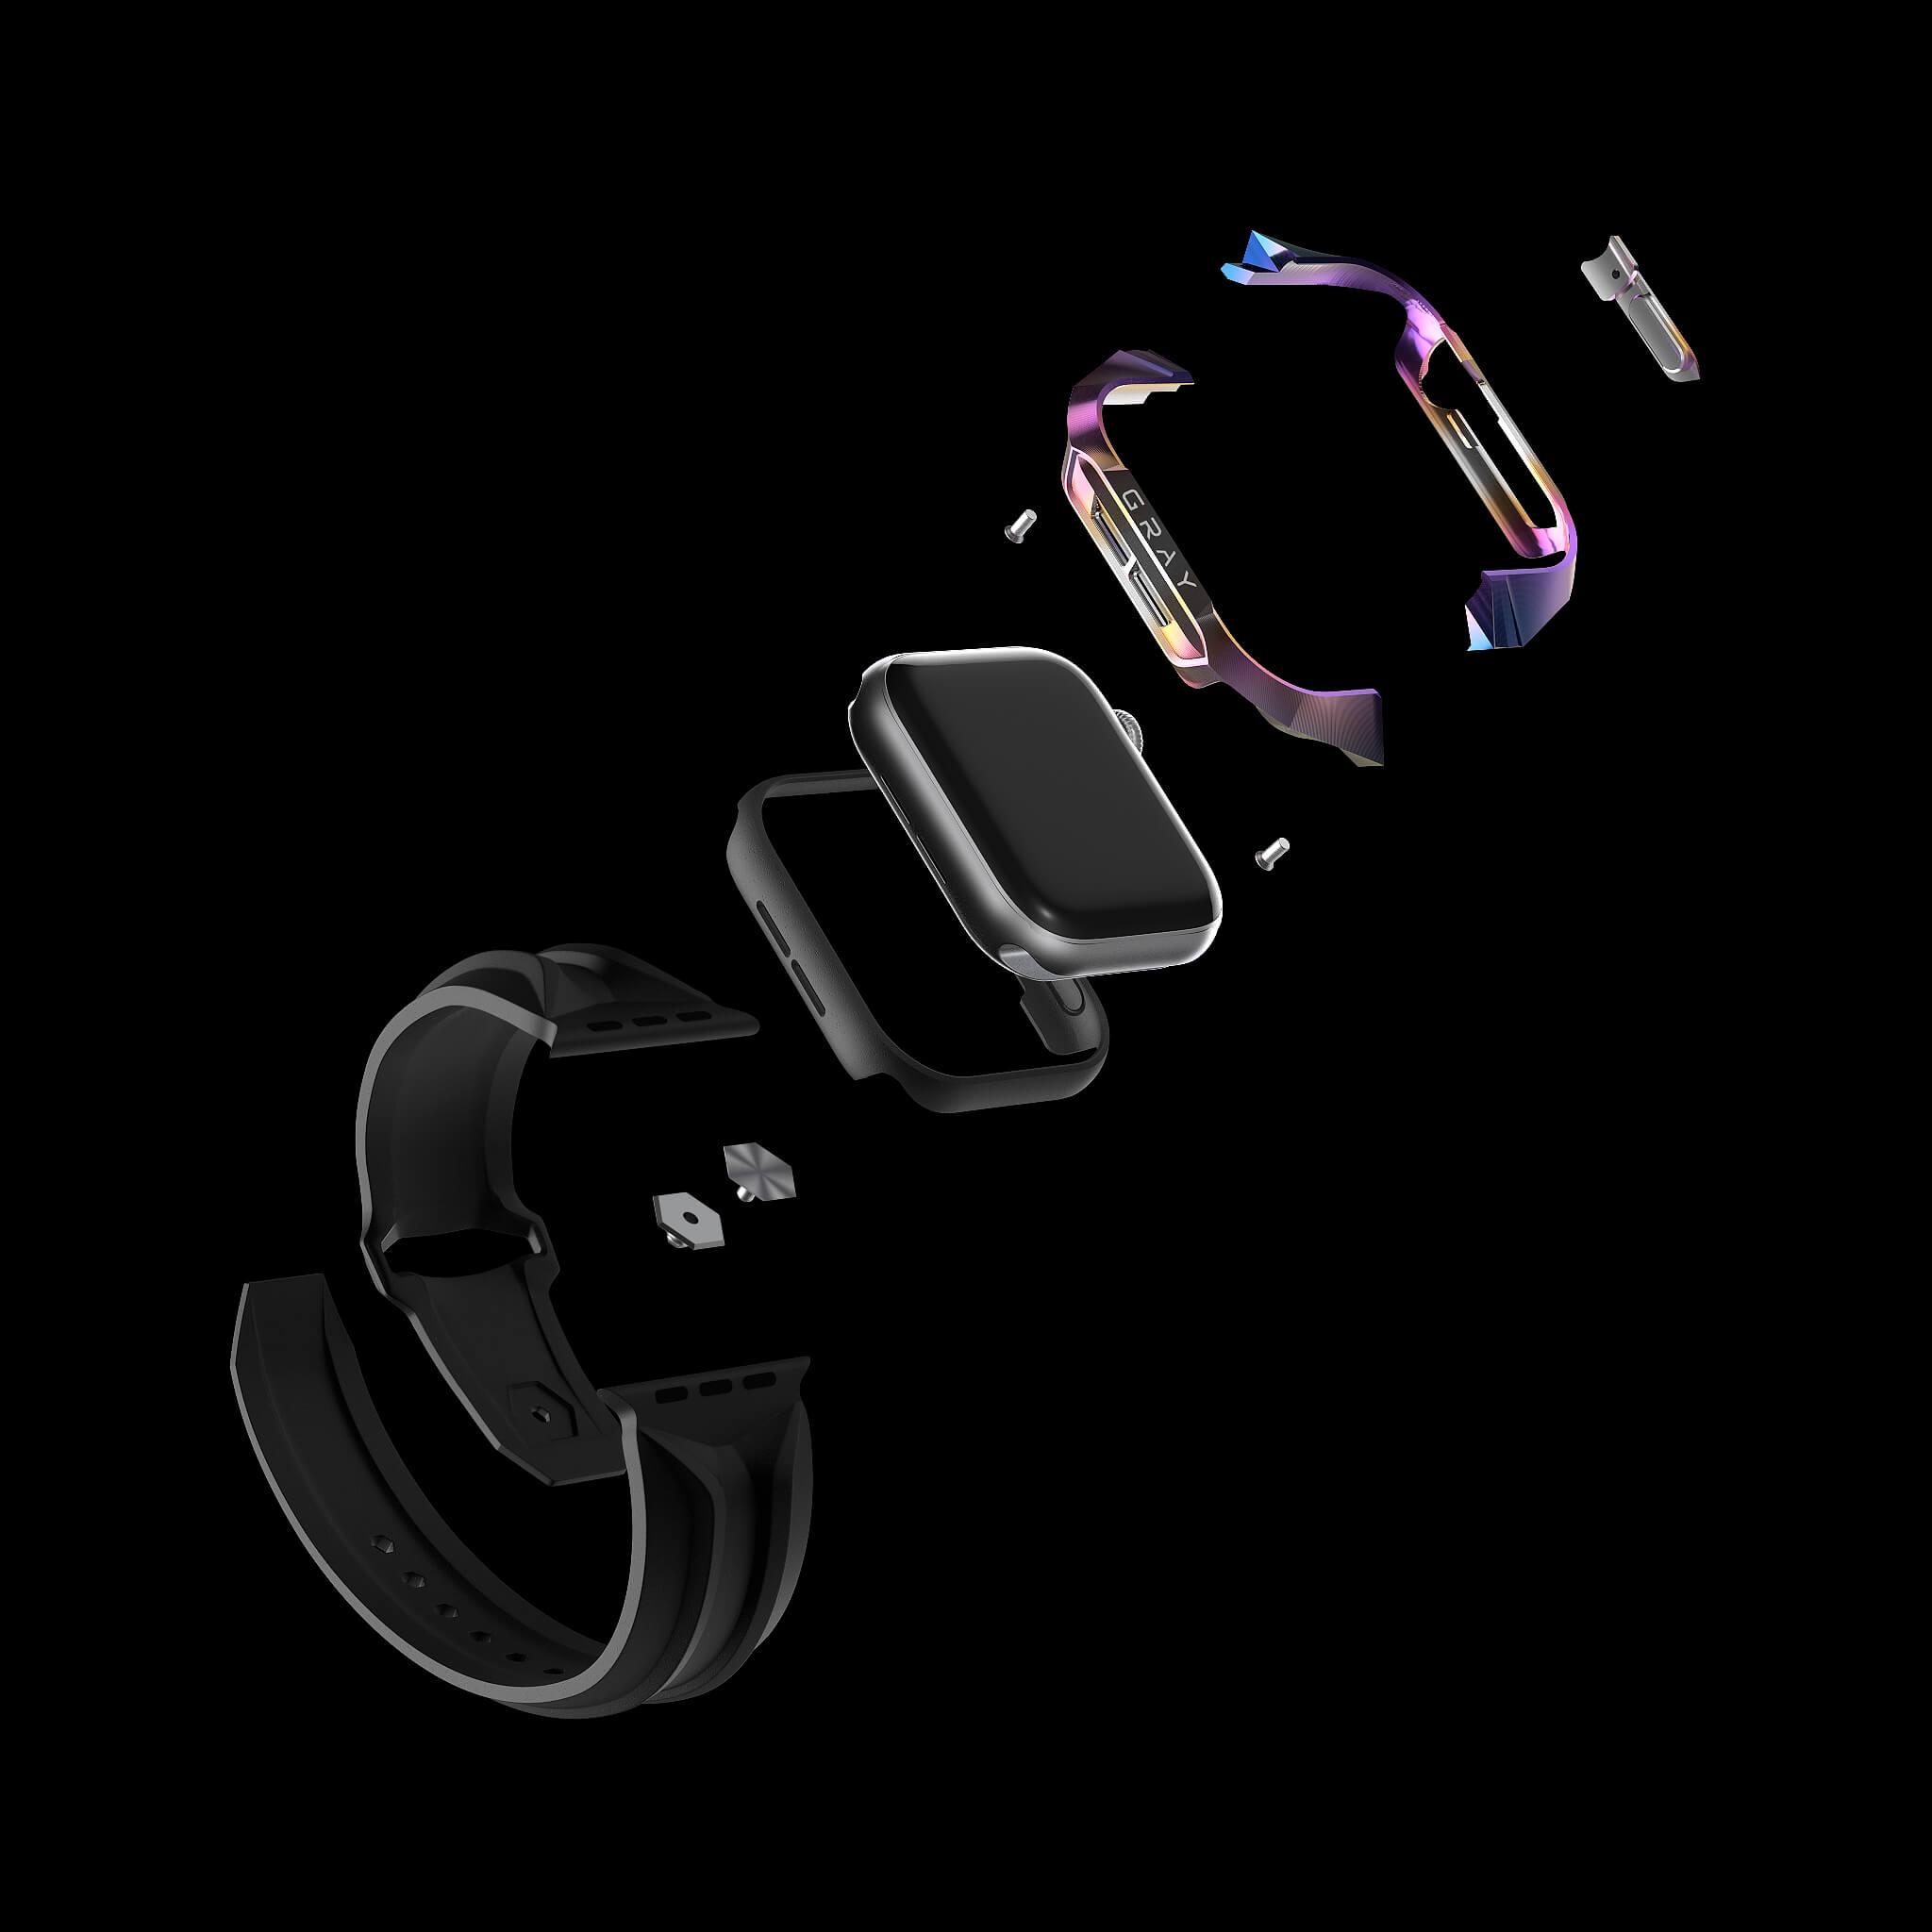 cyber watch aurora, luxury designer titanium metal apple watch case